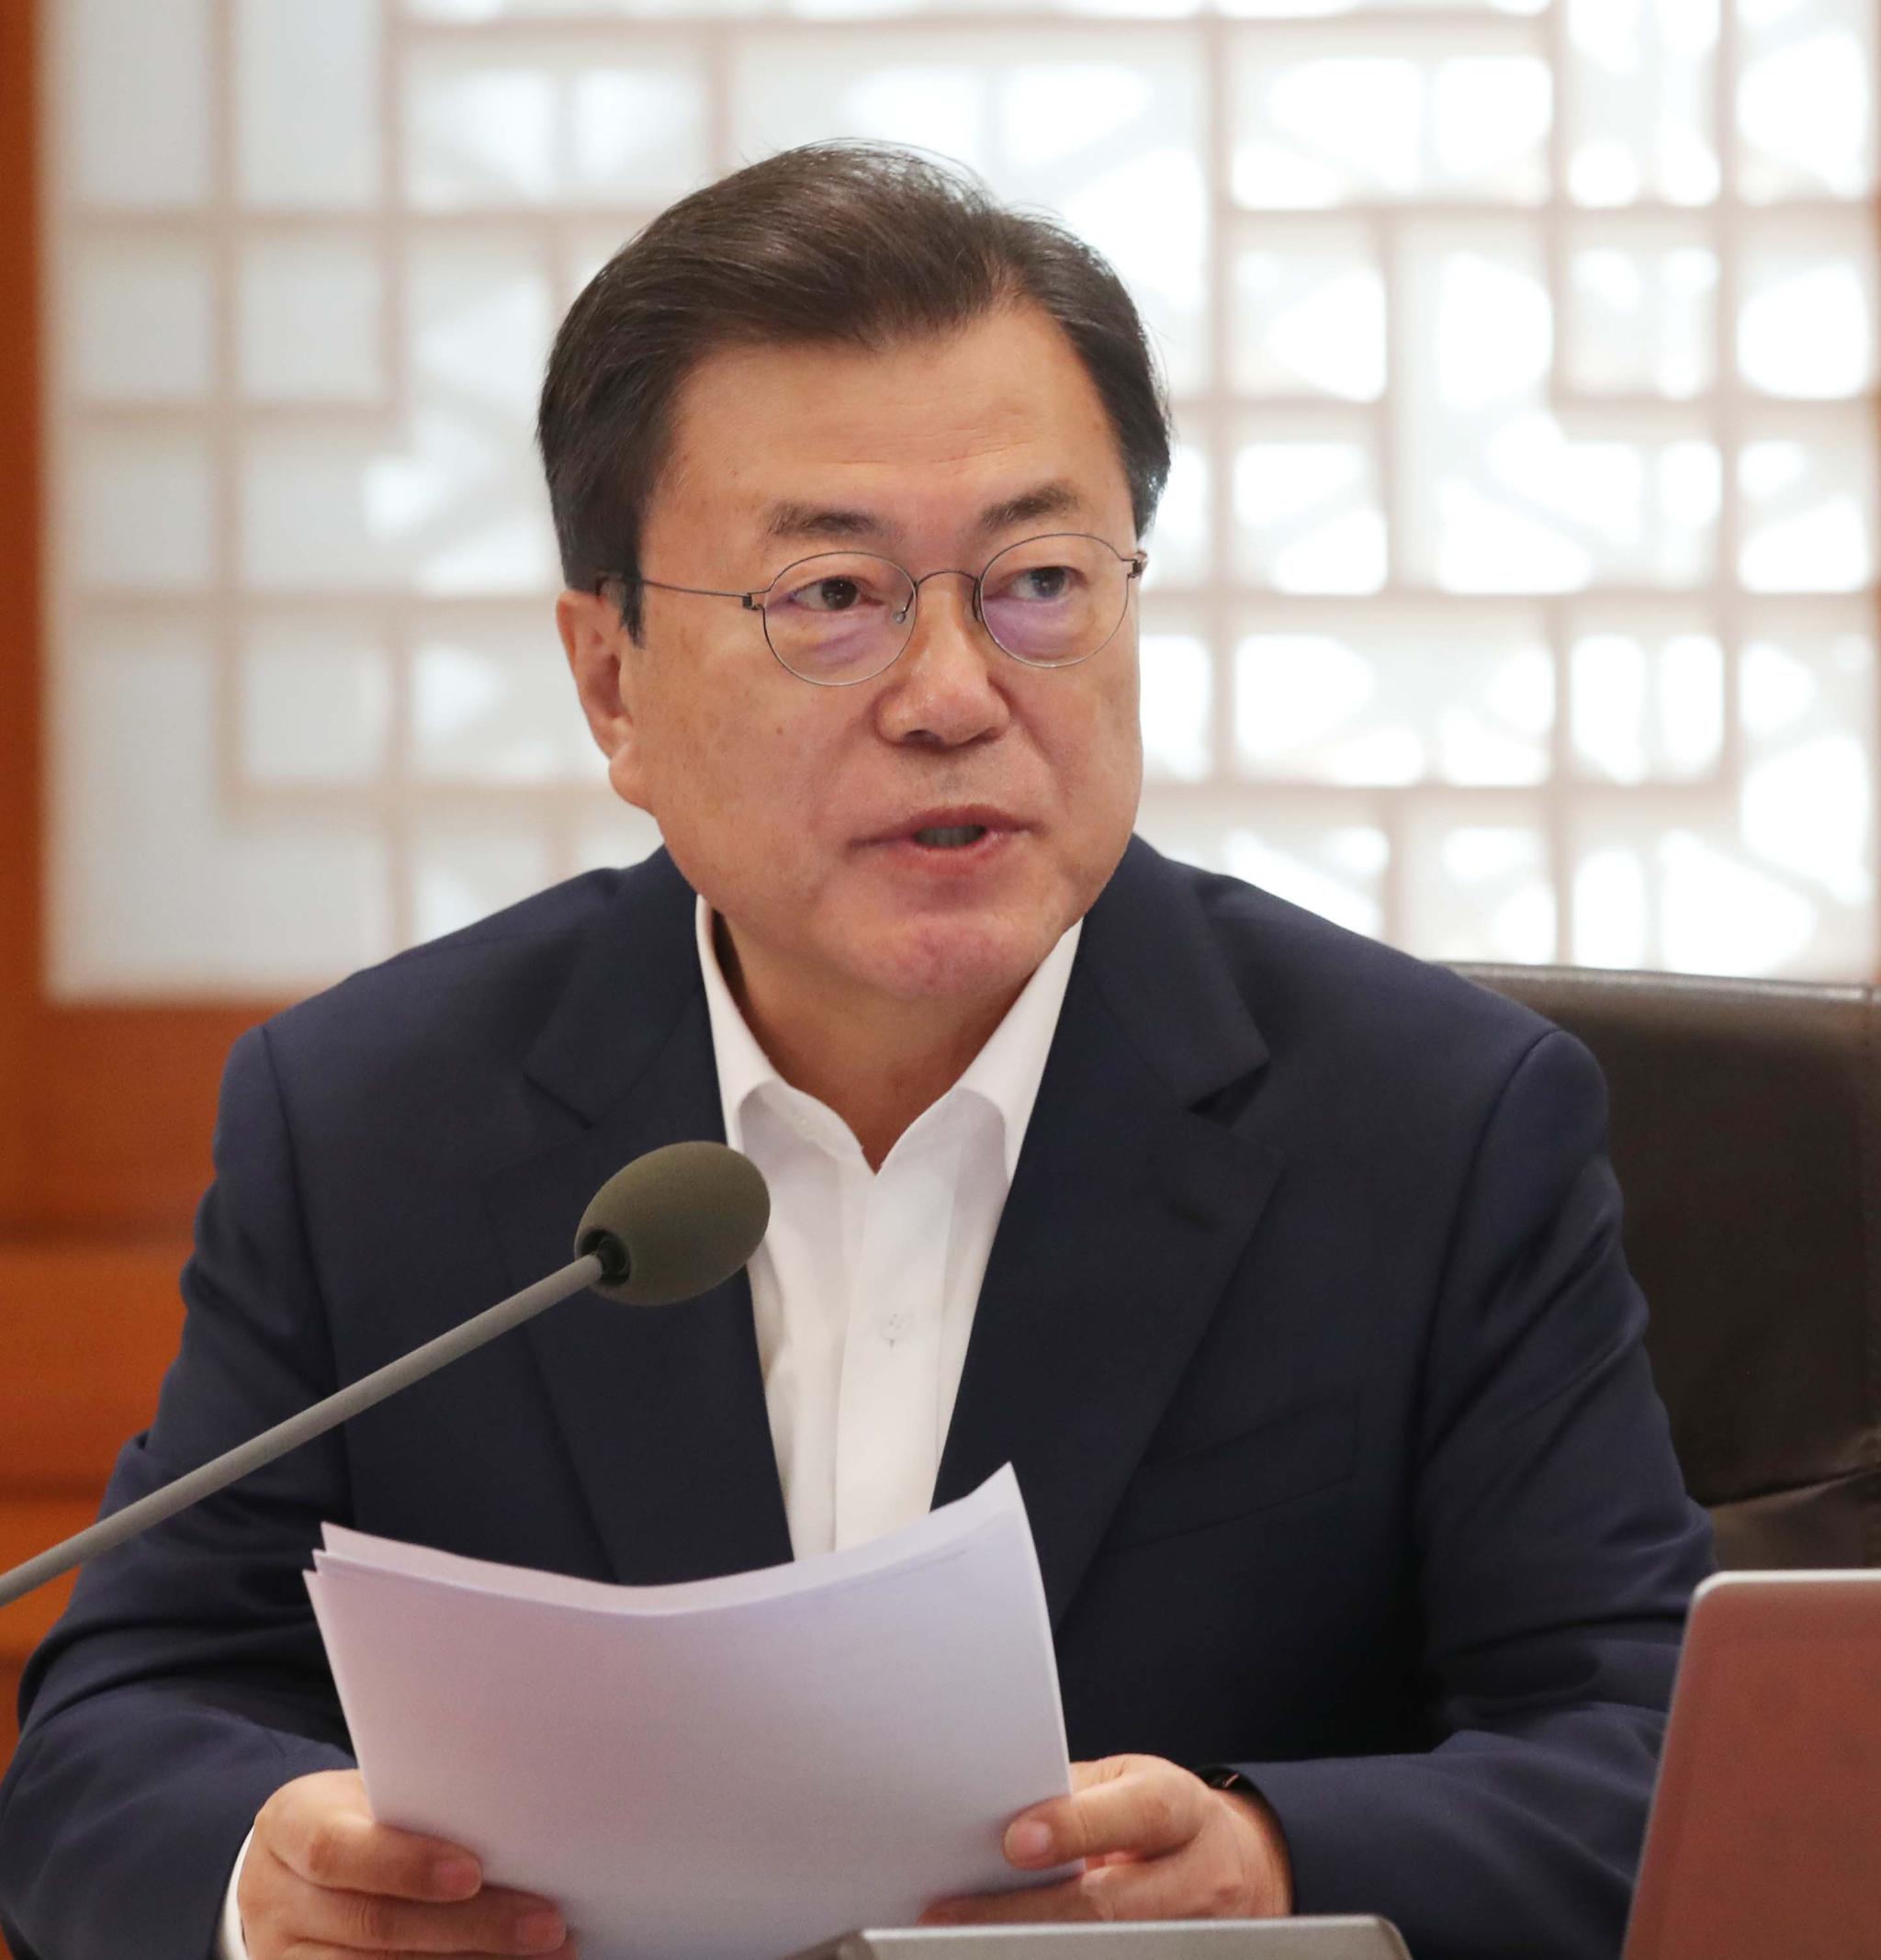 문재인 대통령이 15일 오후 청와대에서 열린 확대경제장관회의에서 발언하고 있다. 청와대사진기자단